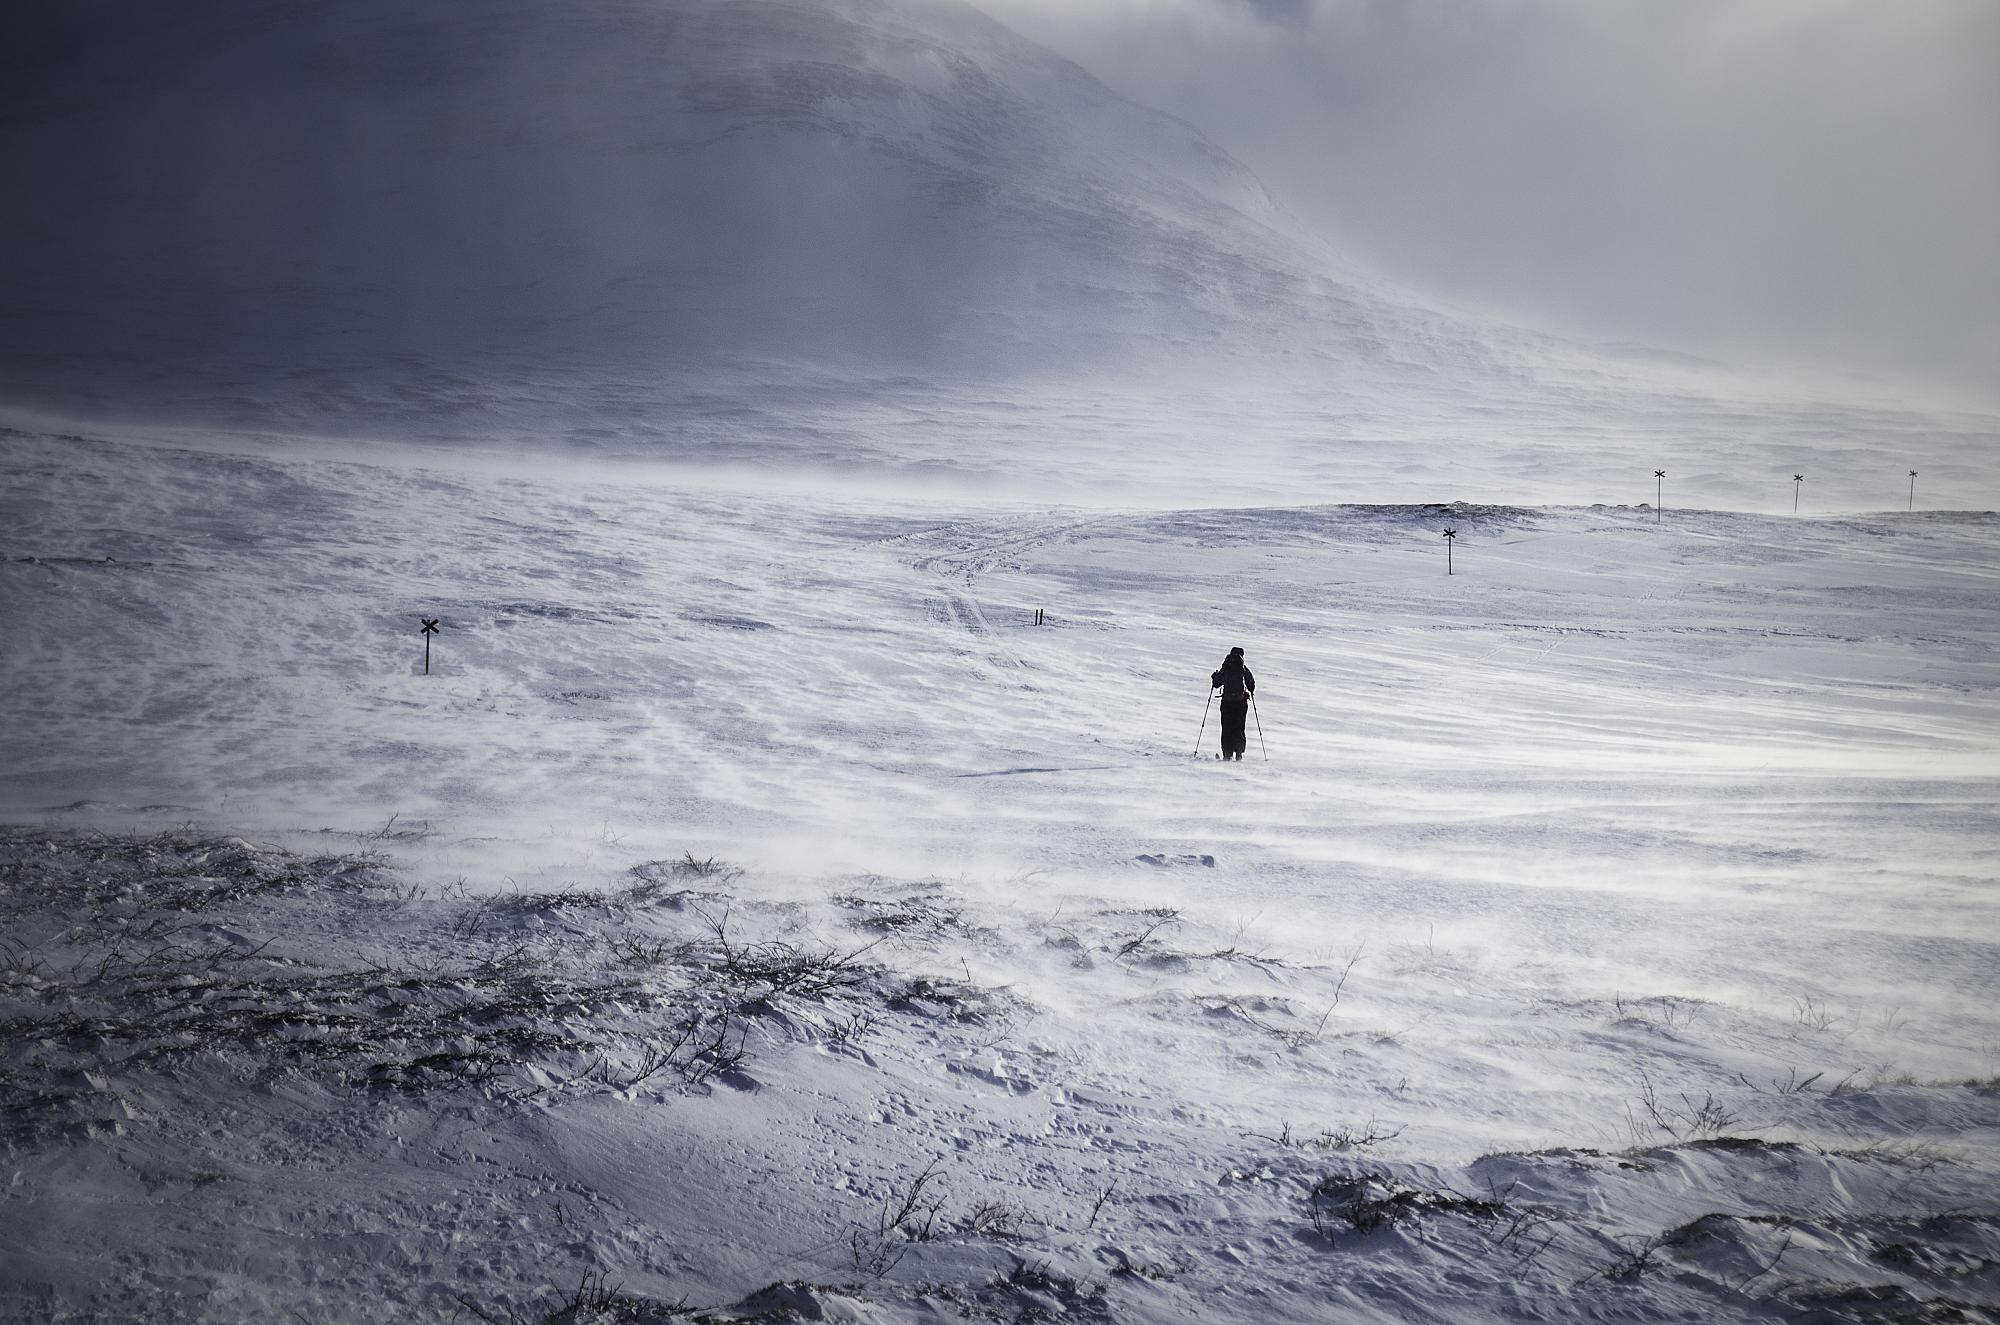 en skidåkare på väg mot sylarnas fjällstation.